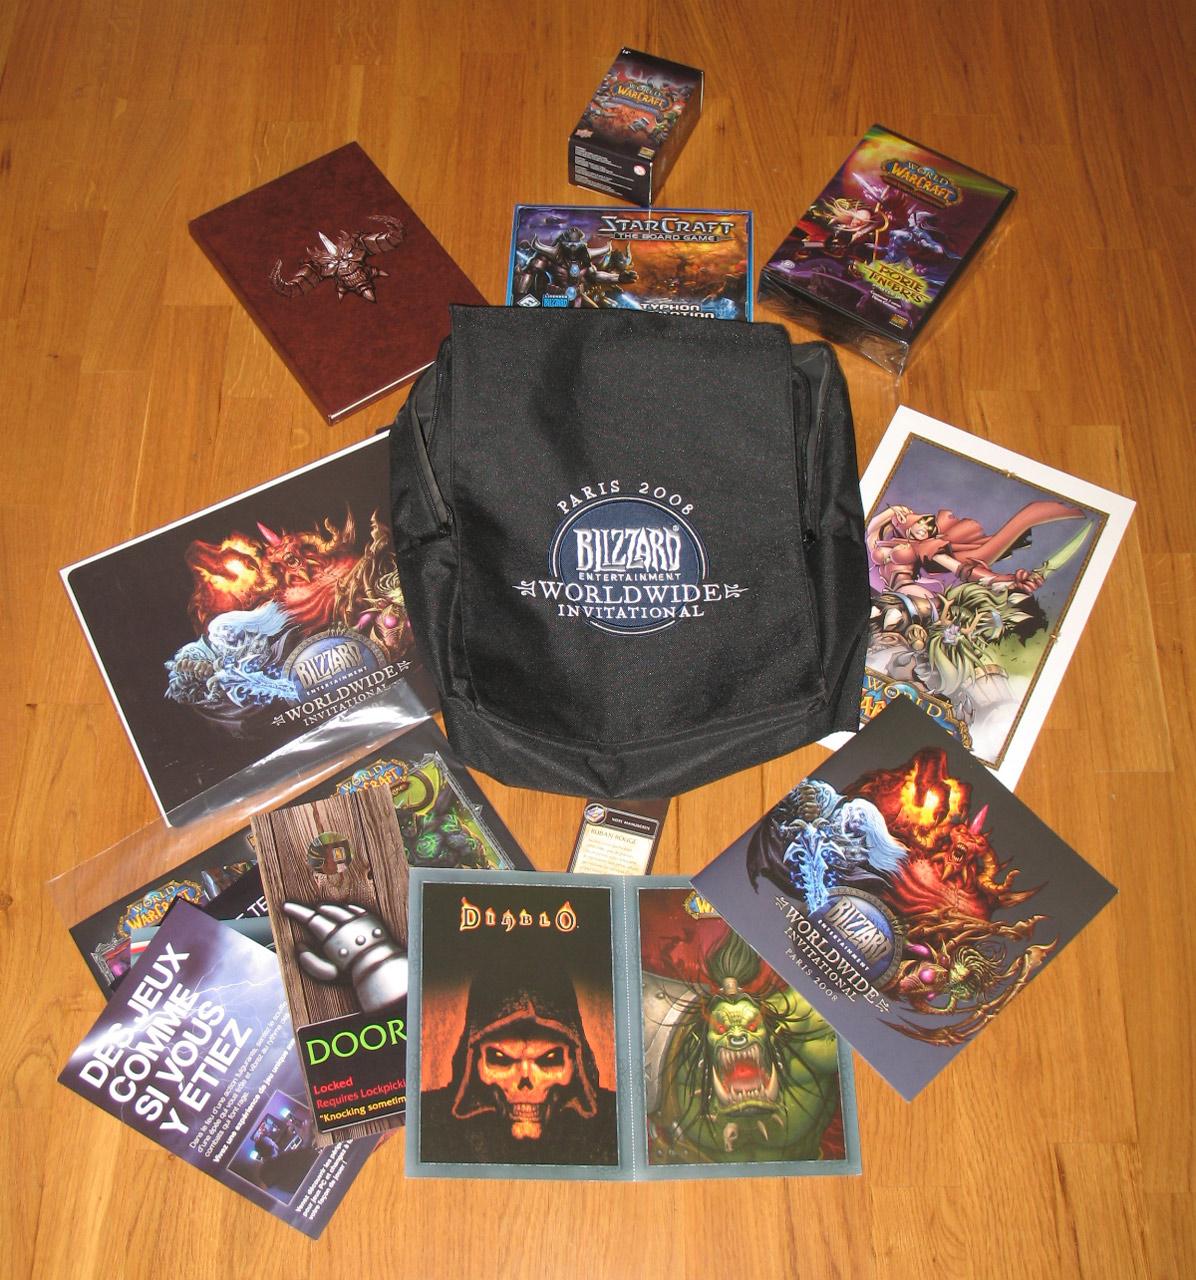 Pack de bienvenue offert à tous les visiteurs du Worldwide Invitational 2008.